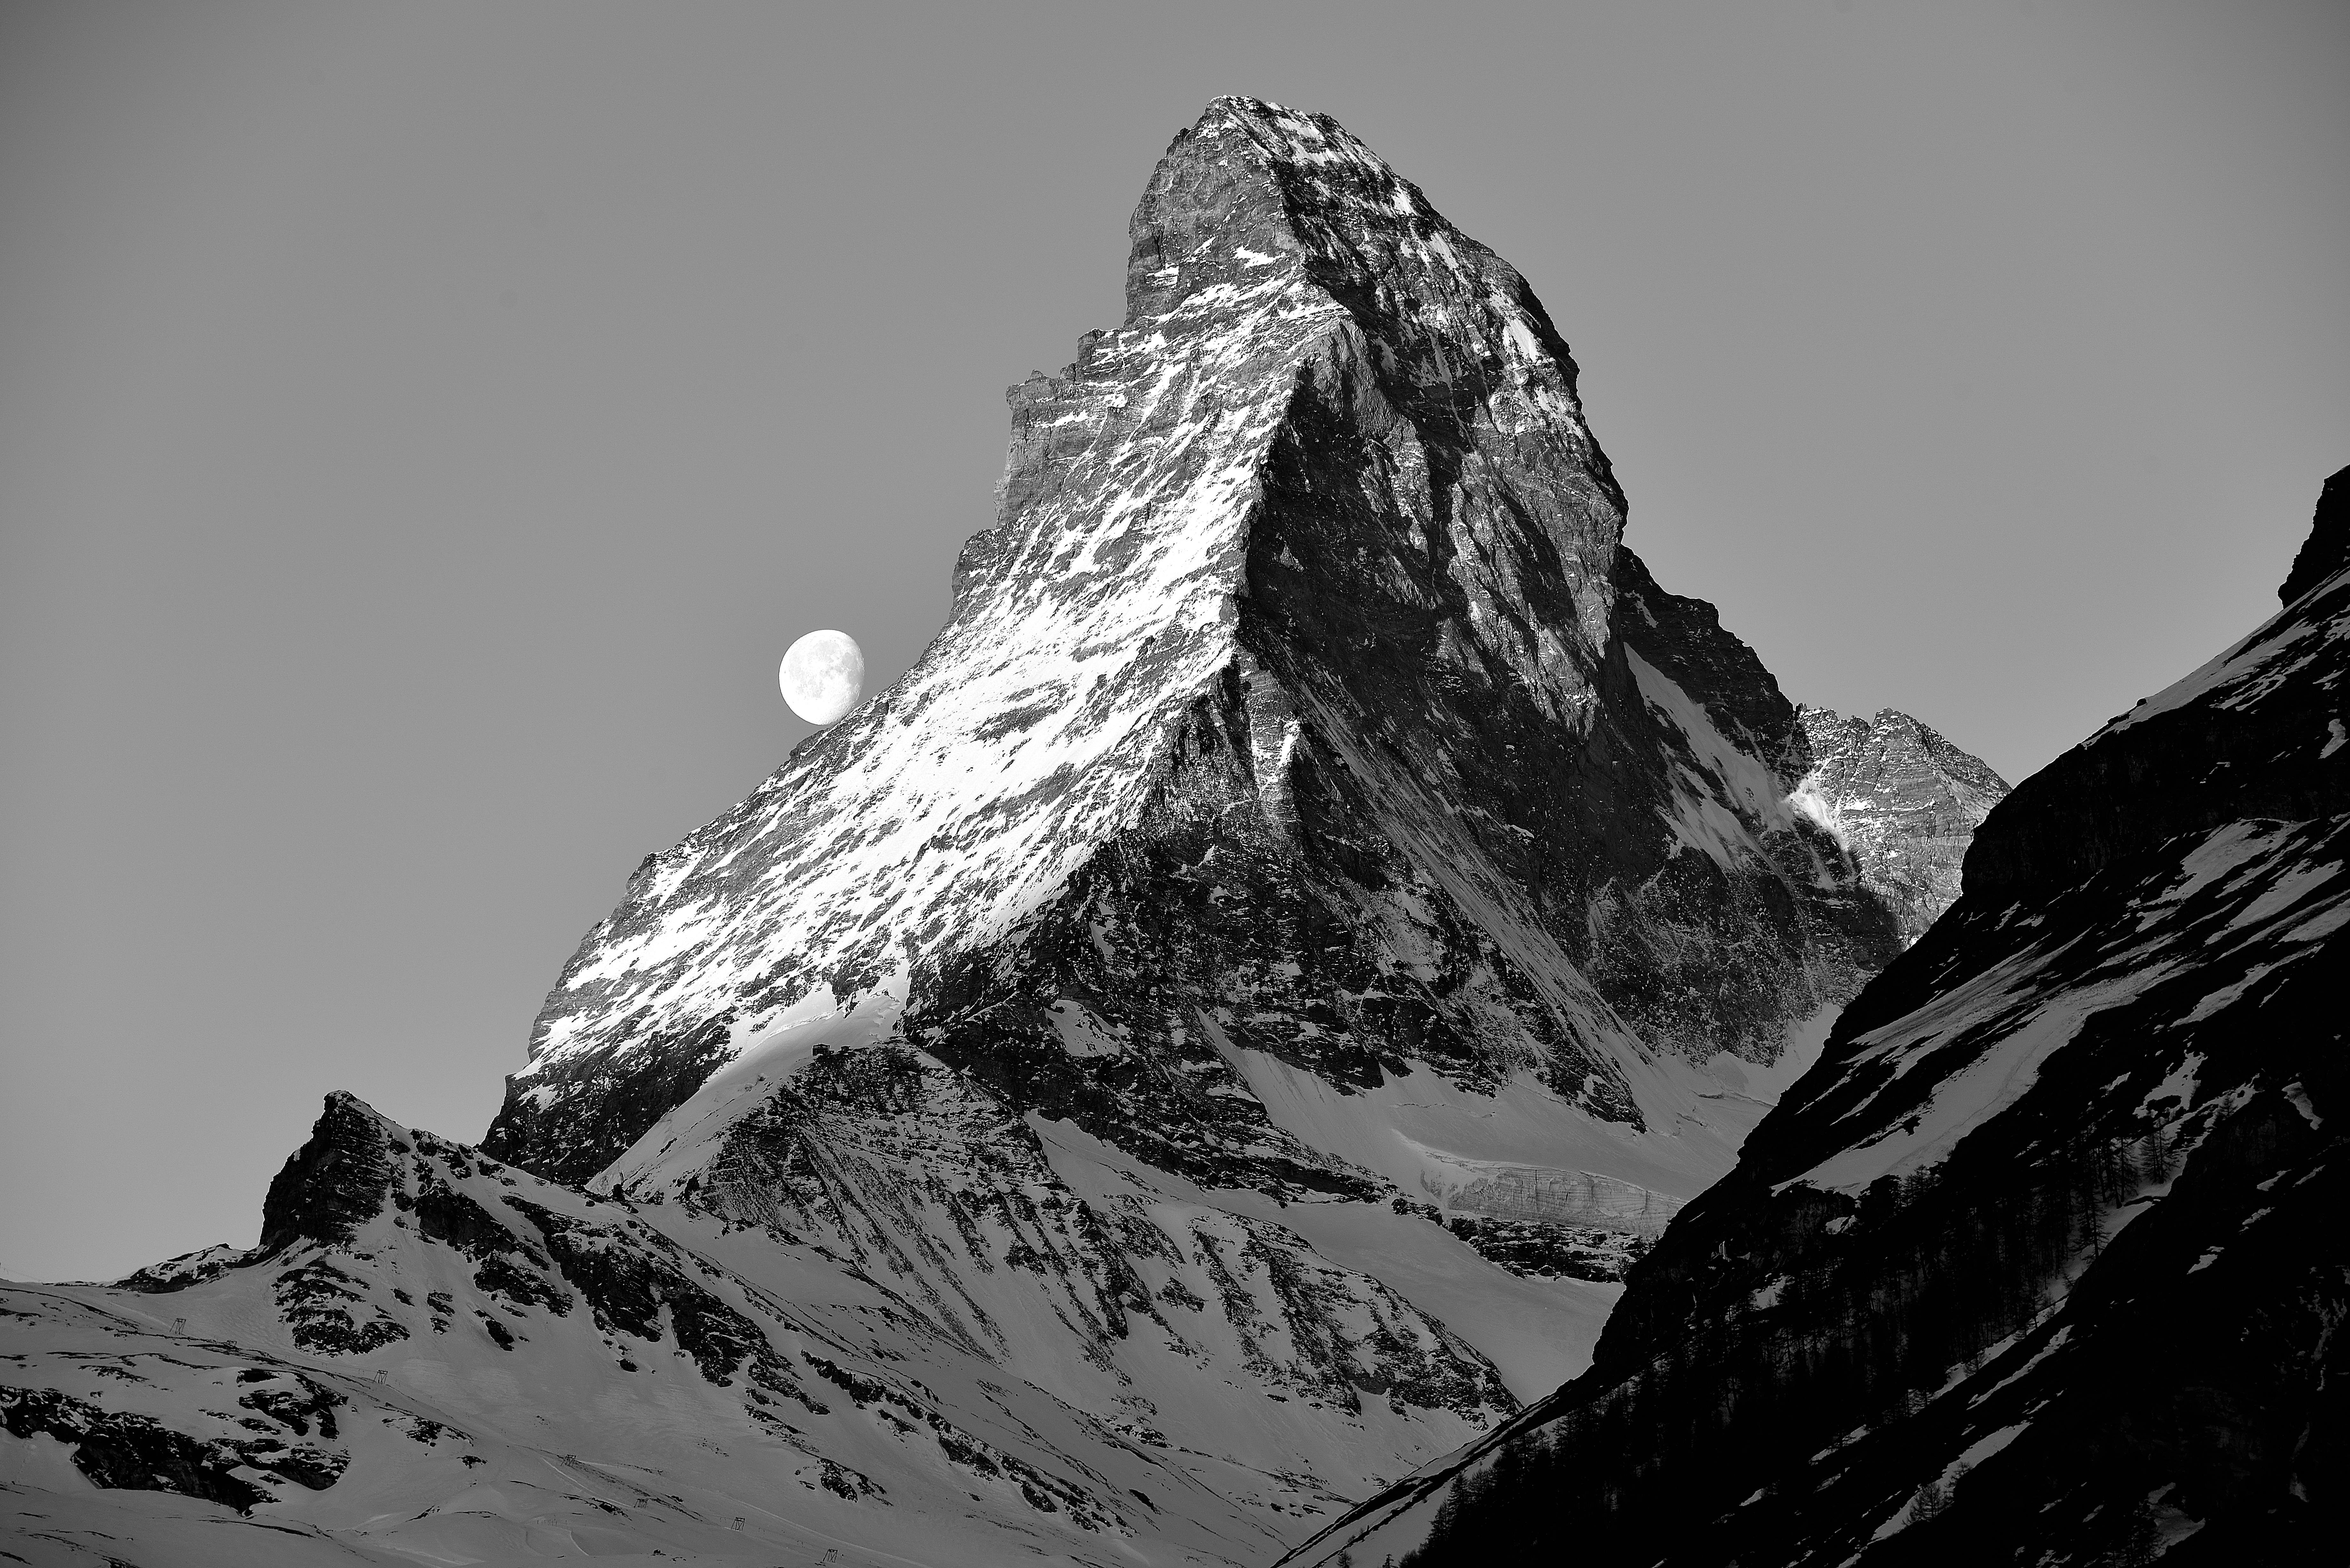 Matterhorn 4478